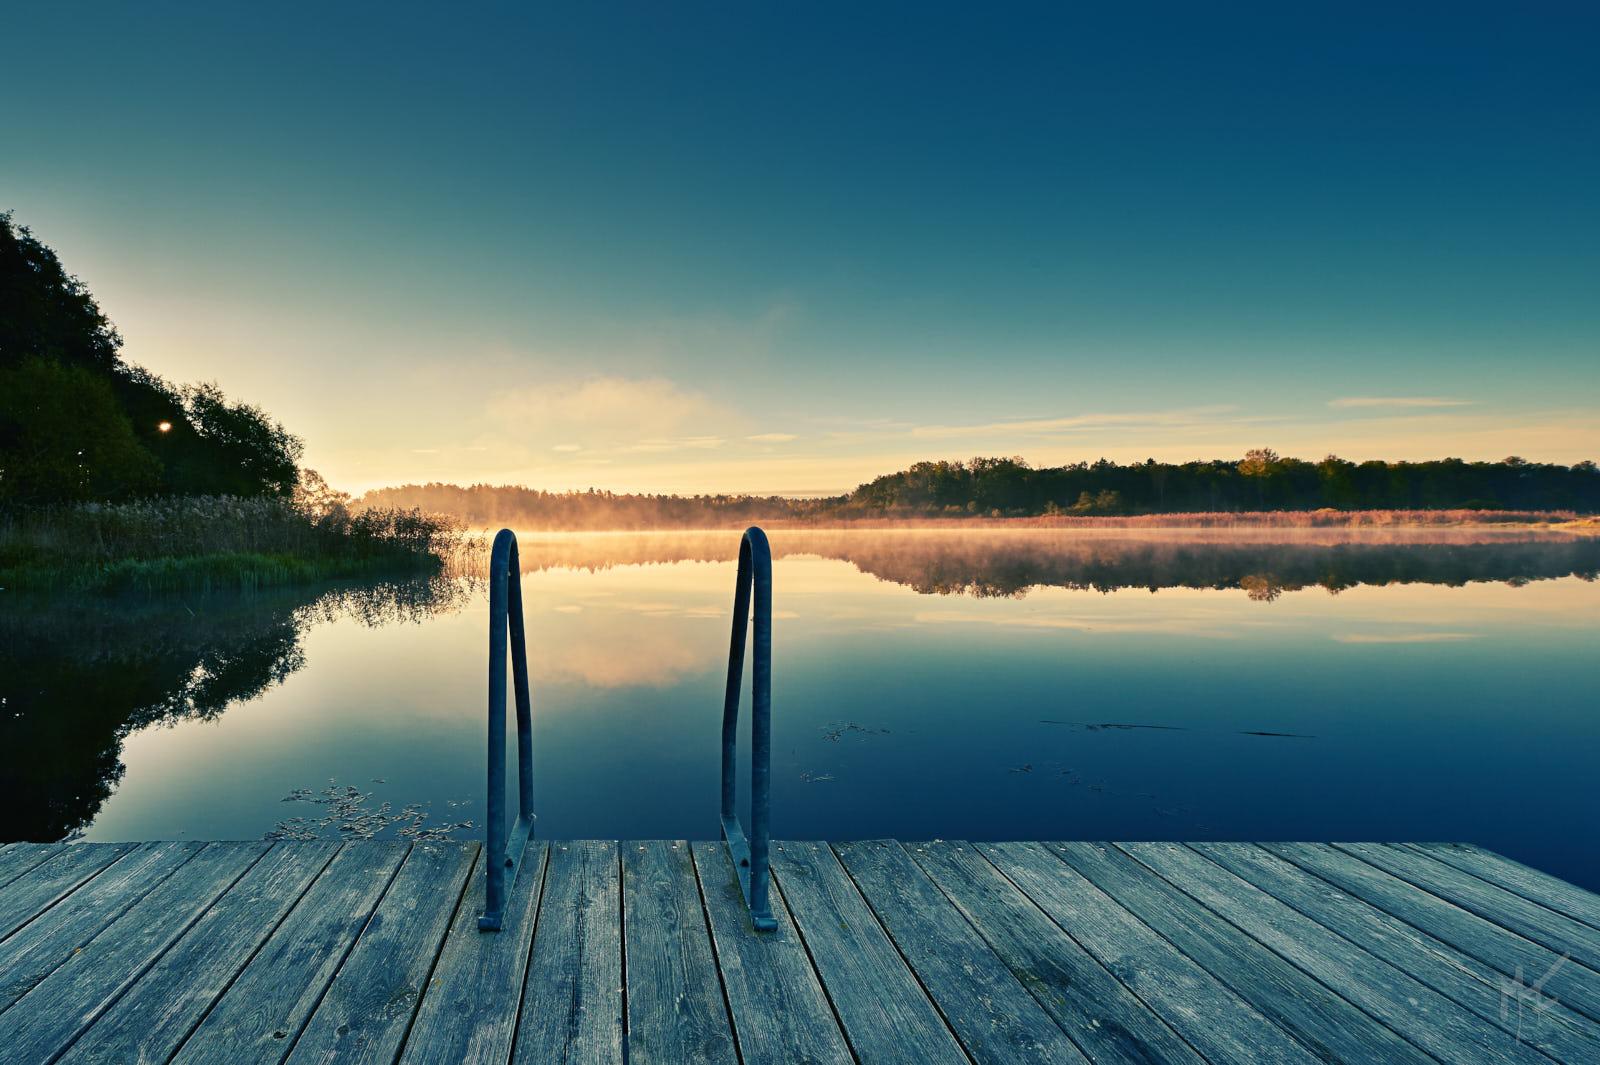 dawn in Västmanland County, Sweden